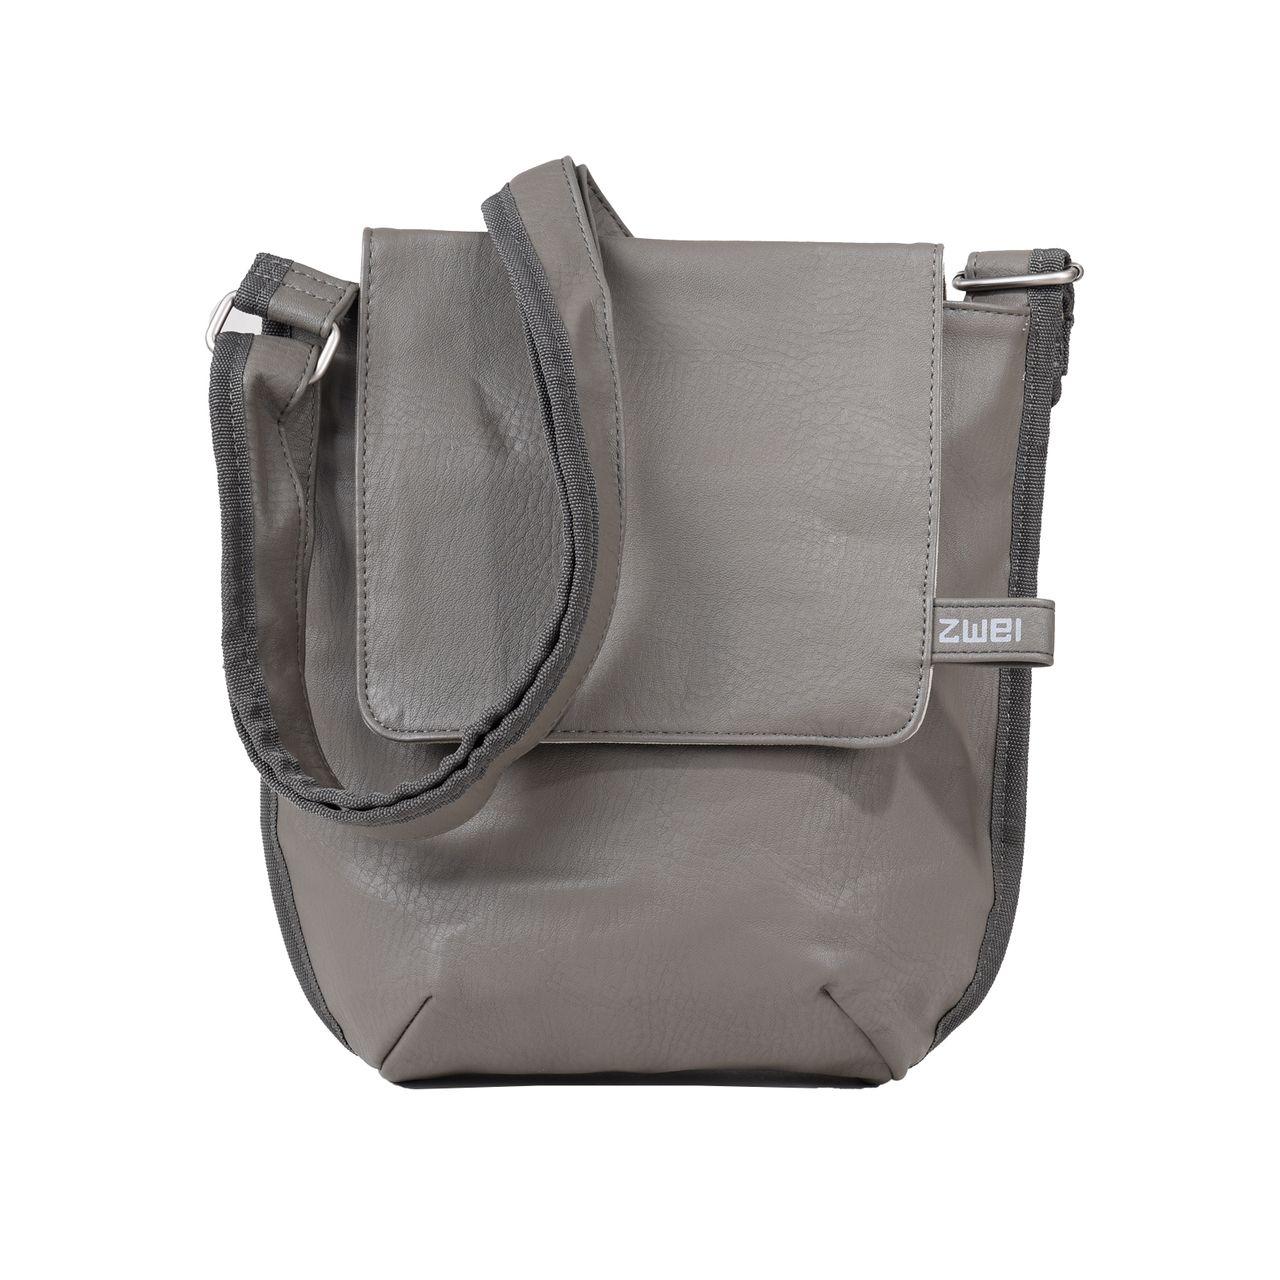 Zwei Taschen Shopper S5 grey